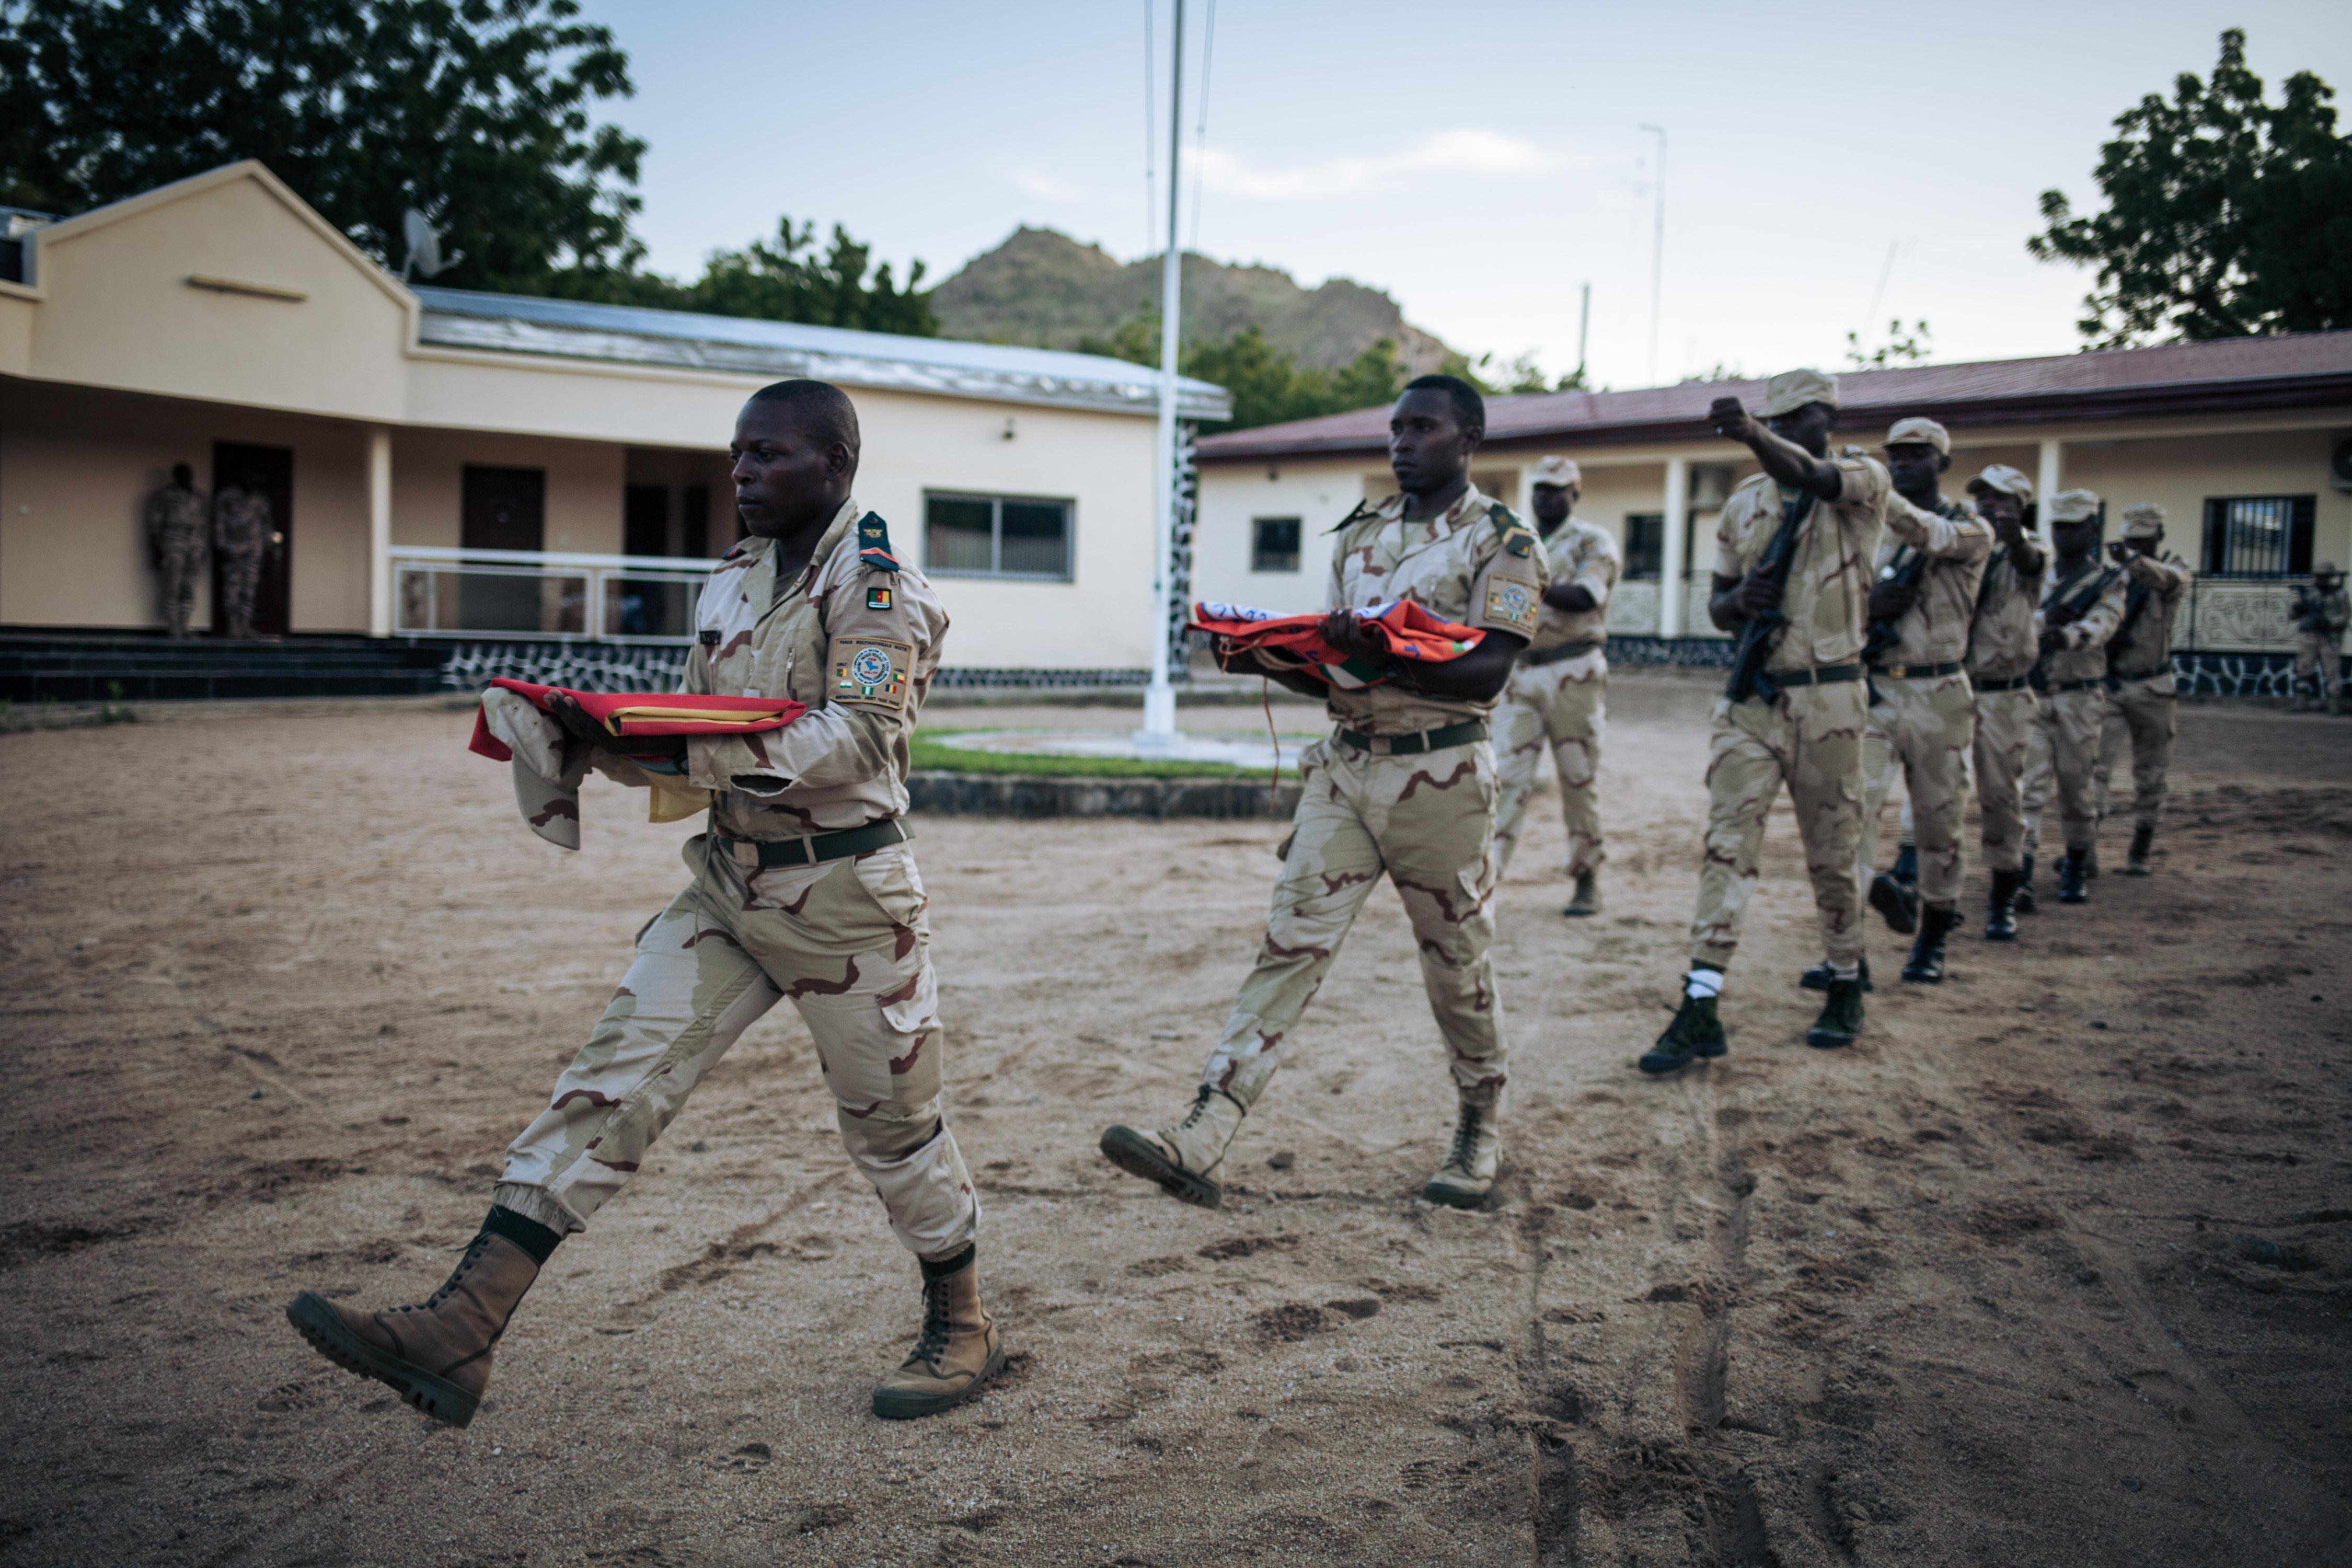 833 gyerekkatonákat engedett szabadon egy nigériai milícia